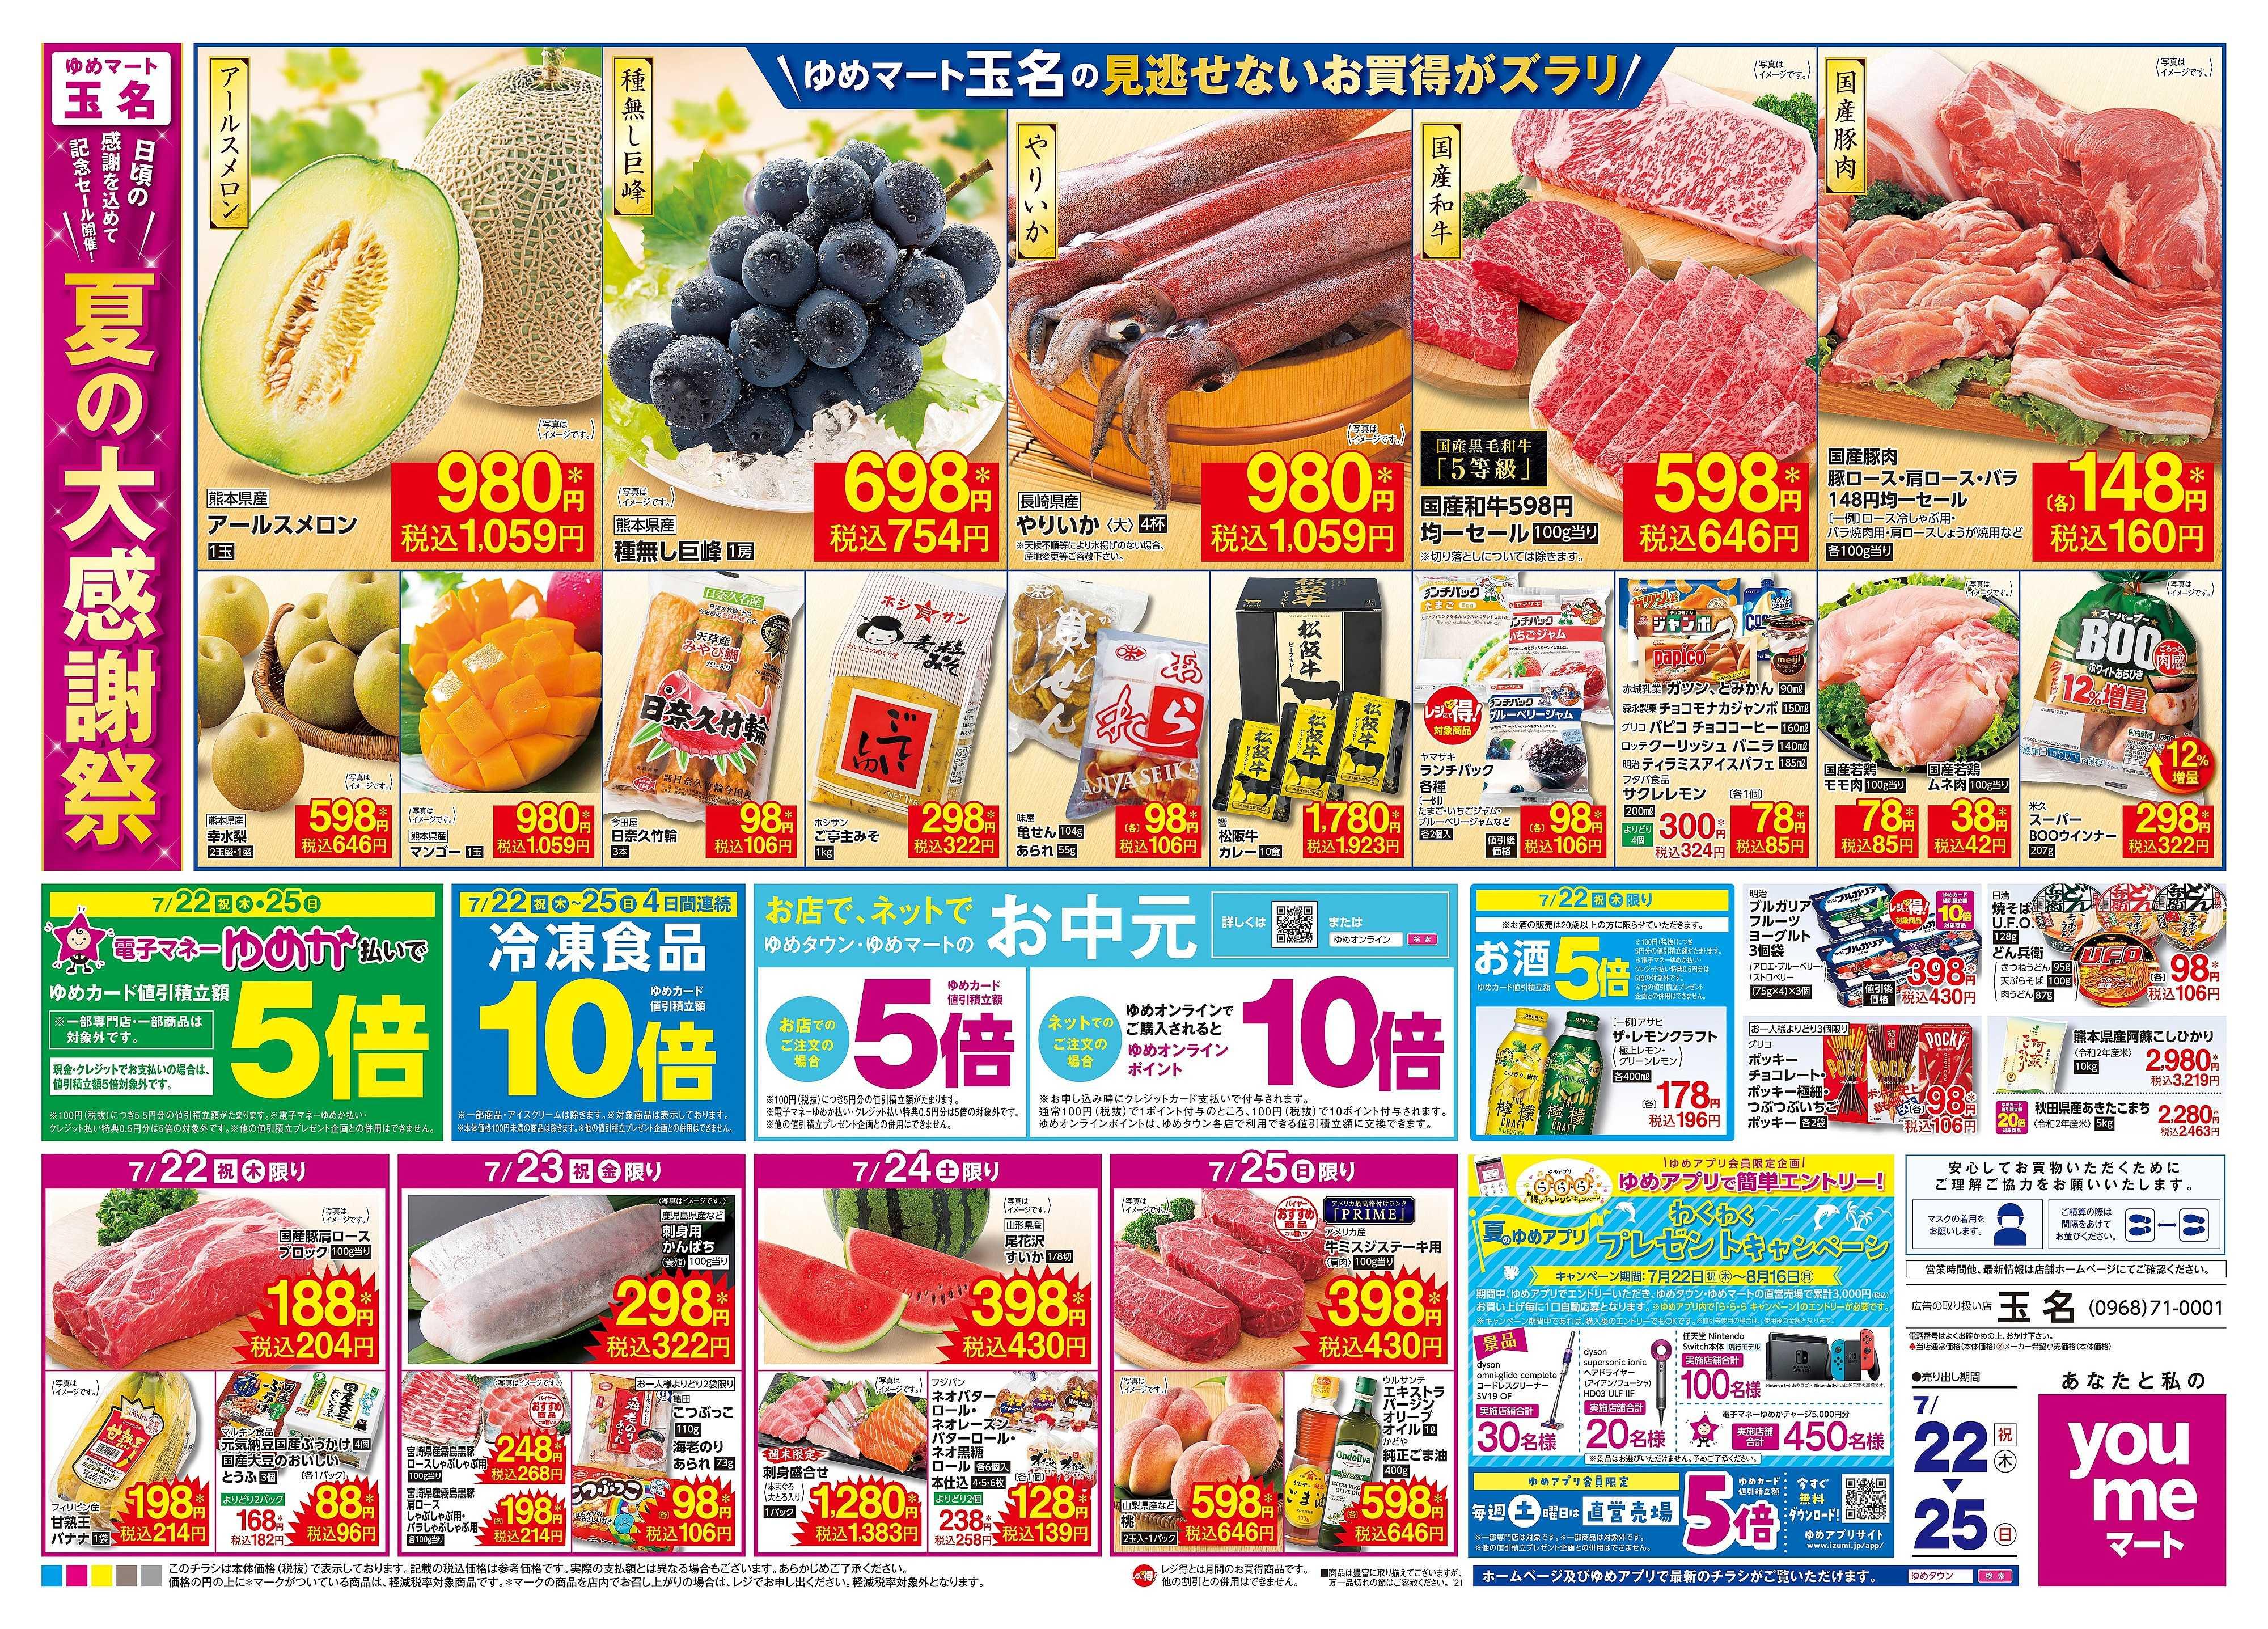 ゆめマート 7/22(祝・木)-7/25(日)